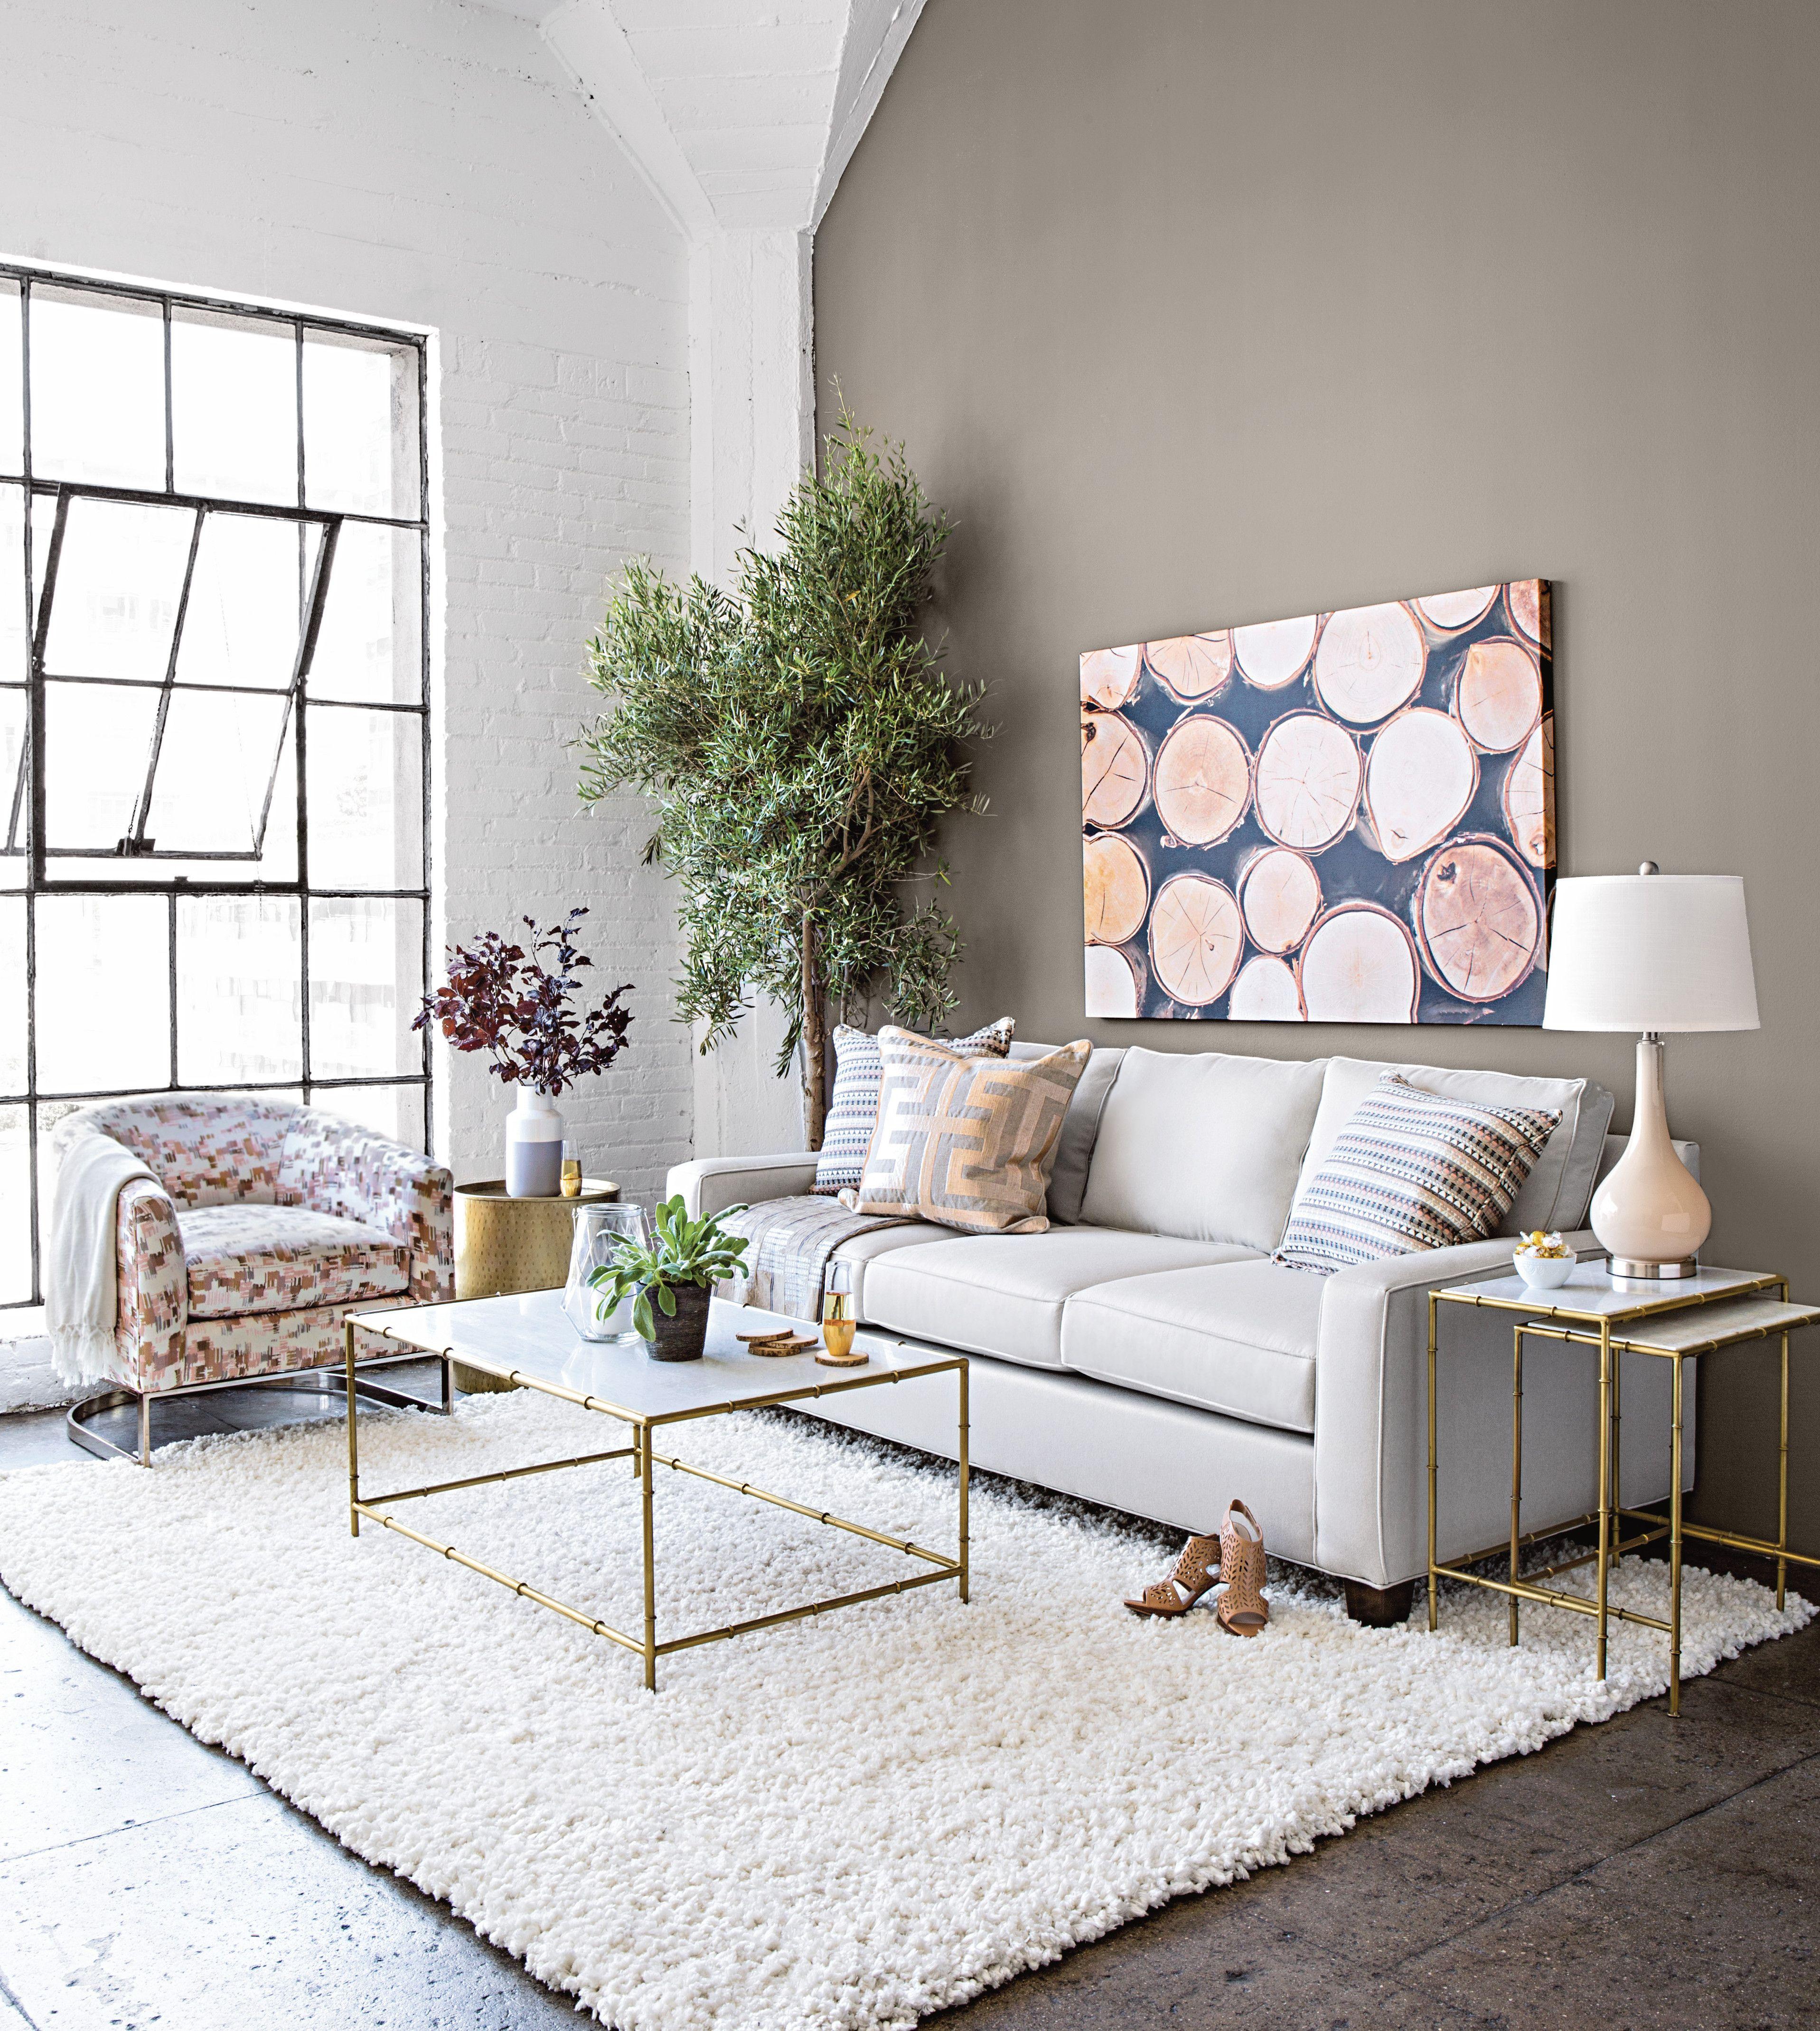 épinglé par Living Spaces sur Sofas and Sectionals